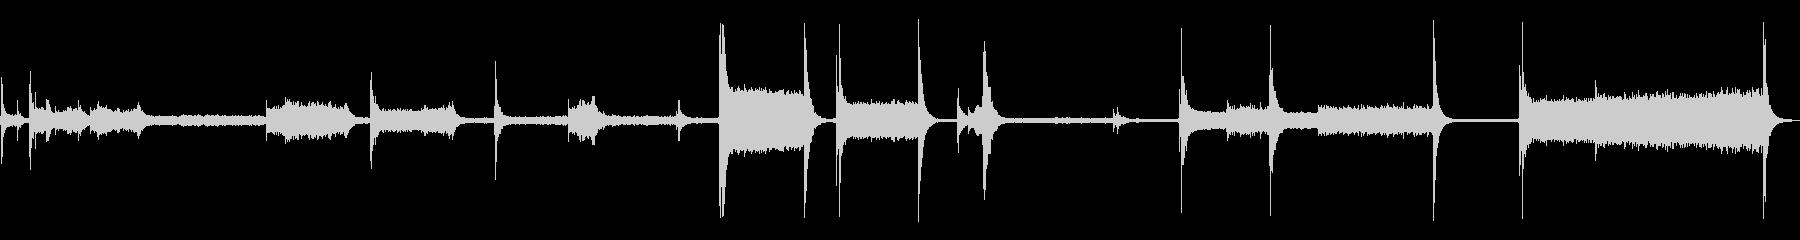 オーバーヘッドクレーン、BIG、F...の未再生の波形